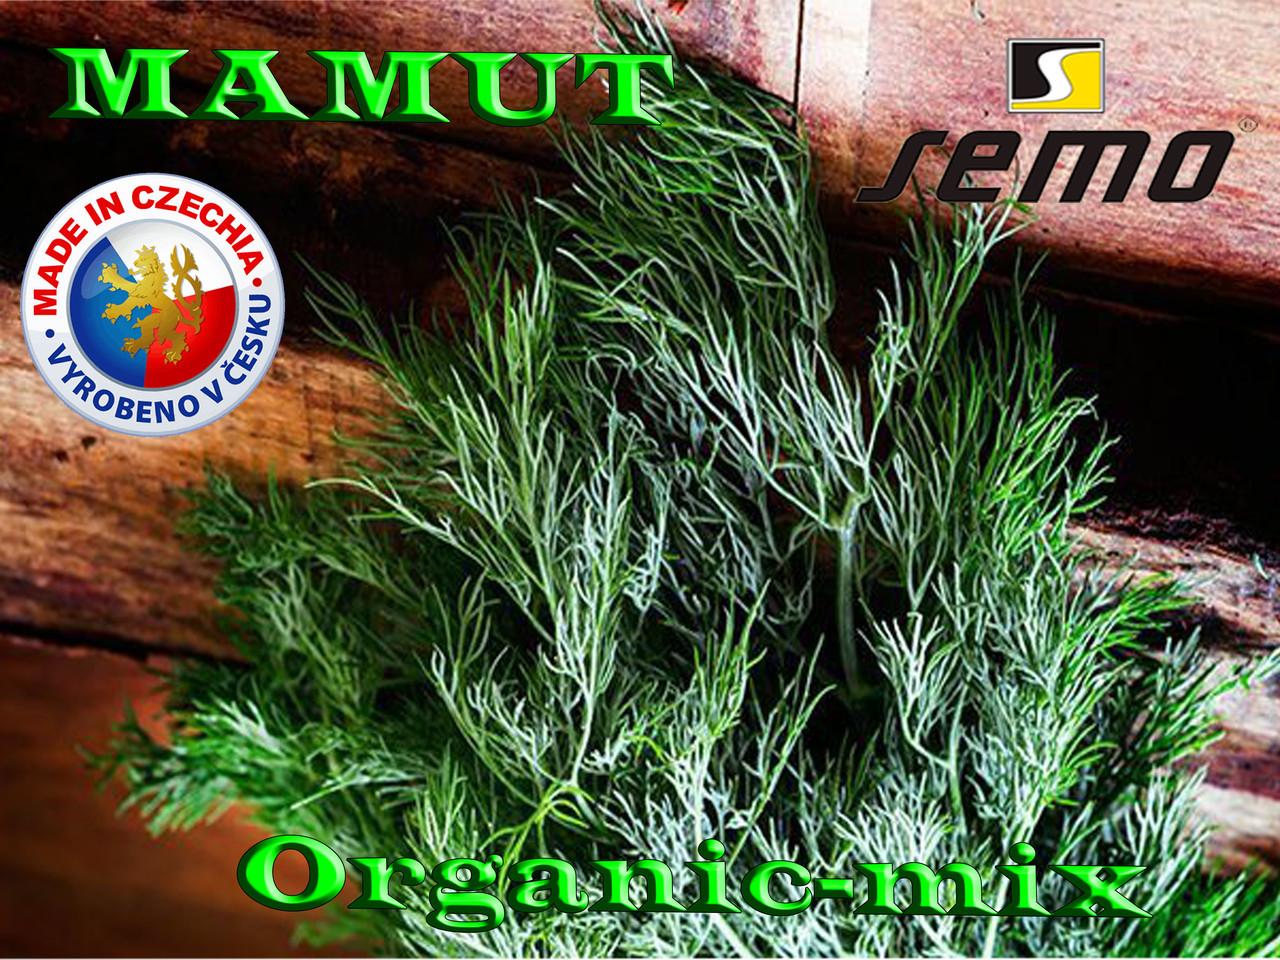 Семена, Укроп Мамут / Mamut (темно-зеленый), 500 грамм фермерский проф. пакет, SEMO (Чехия)